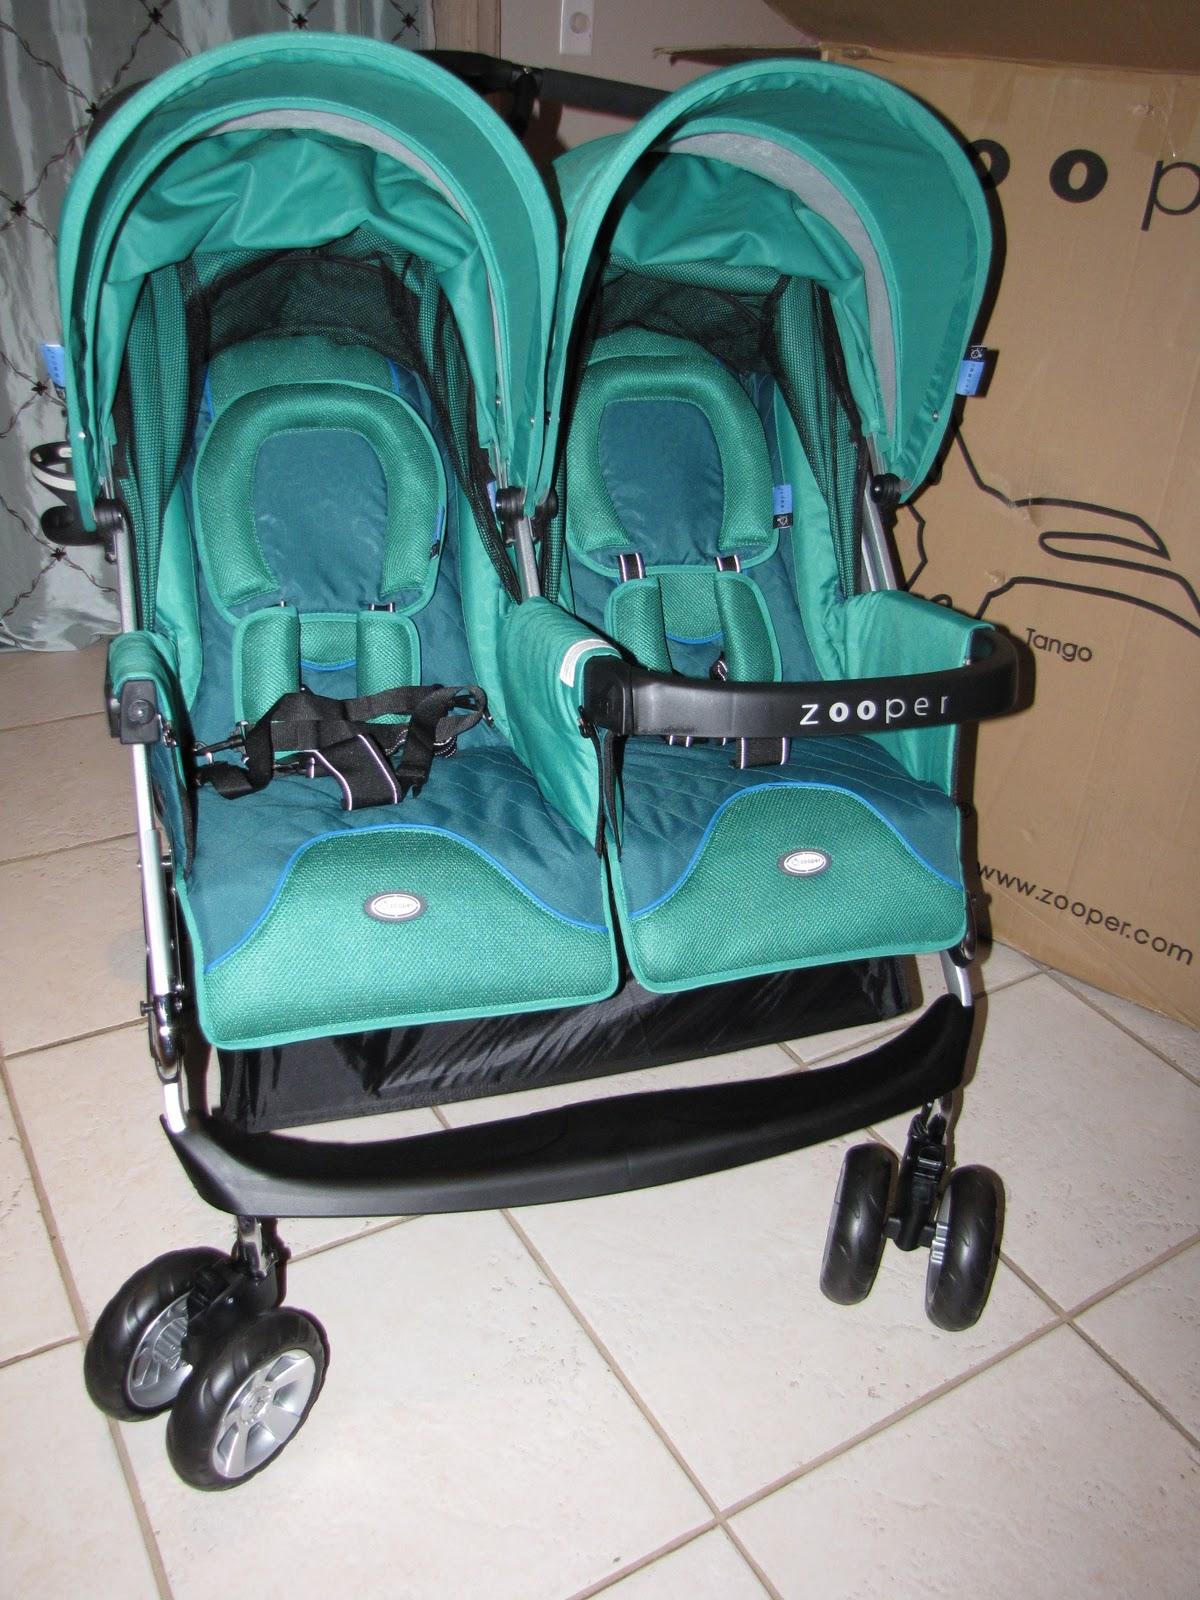 Mountain Flowers Zooper TANGO Standard Double Seat Stroller